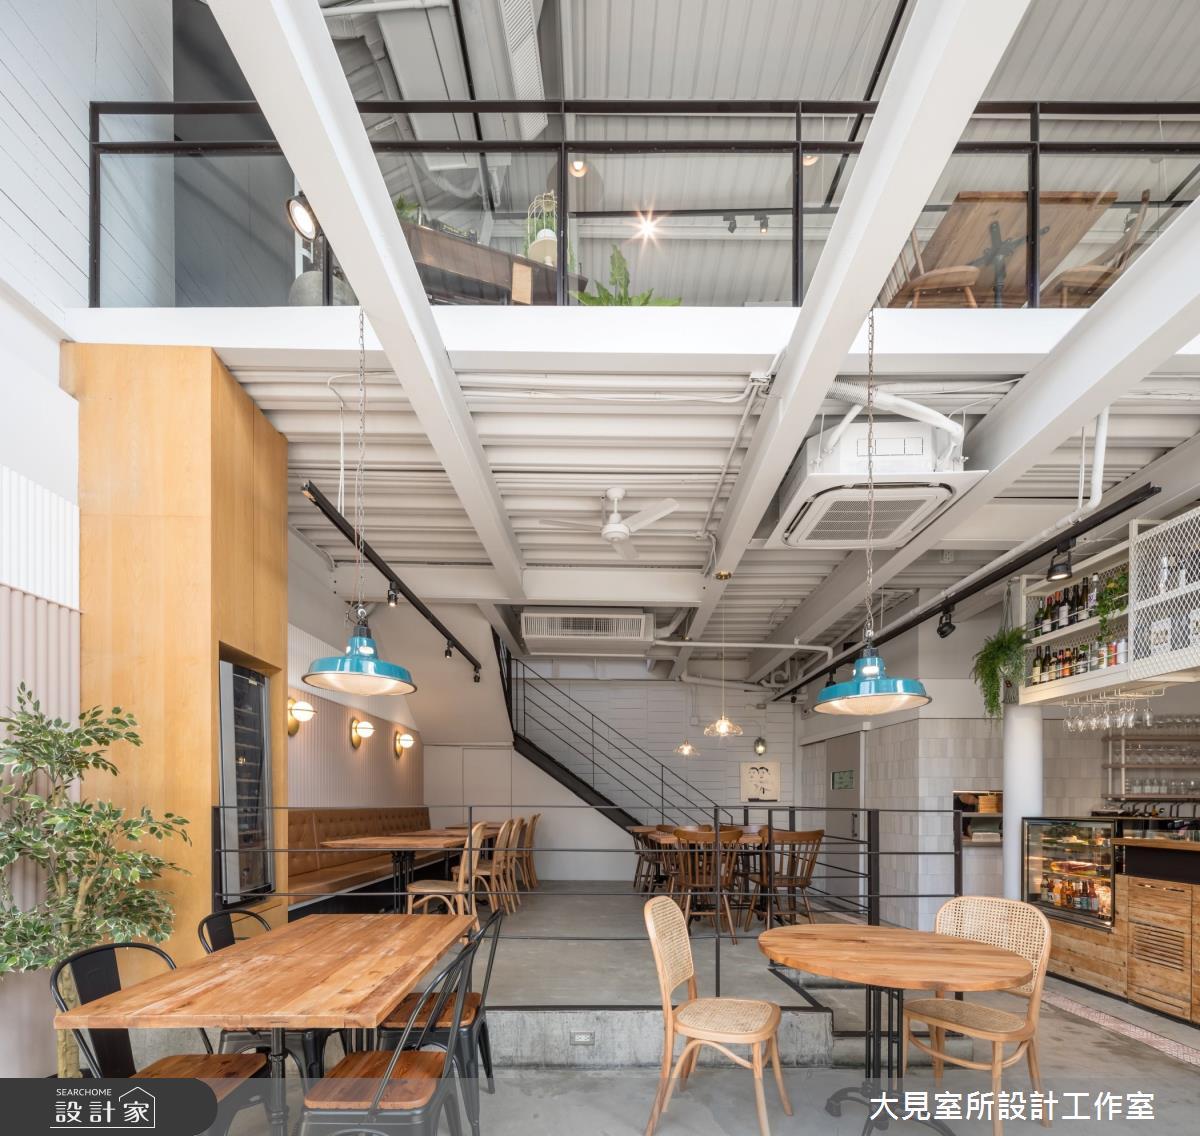 60坪老屋(16~30年)_北歐風商業空間案例圖片_大見室所設計工作室_大見室所_09之2